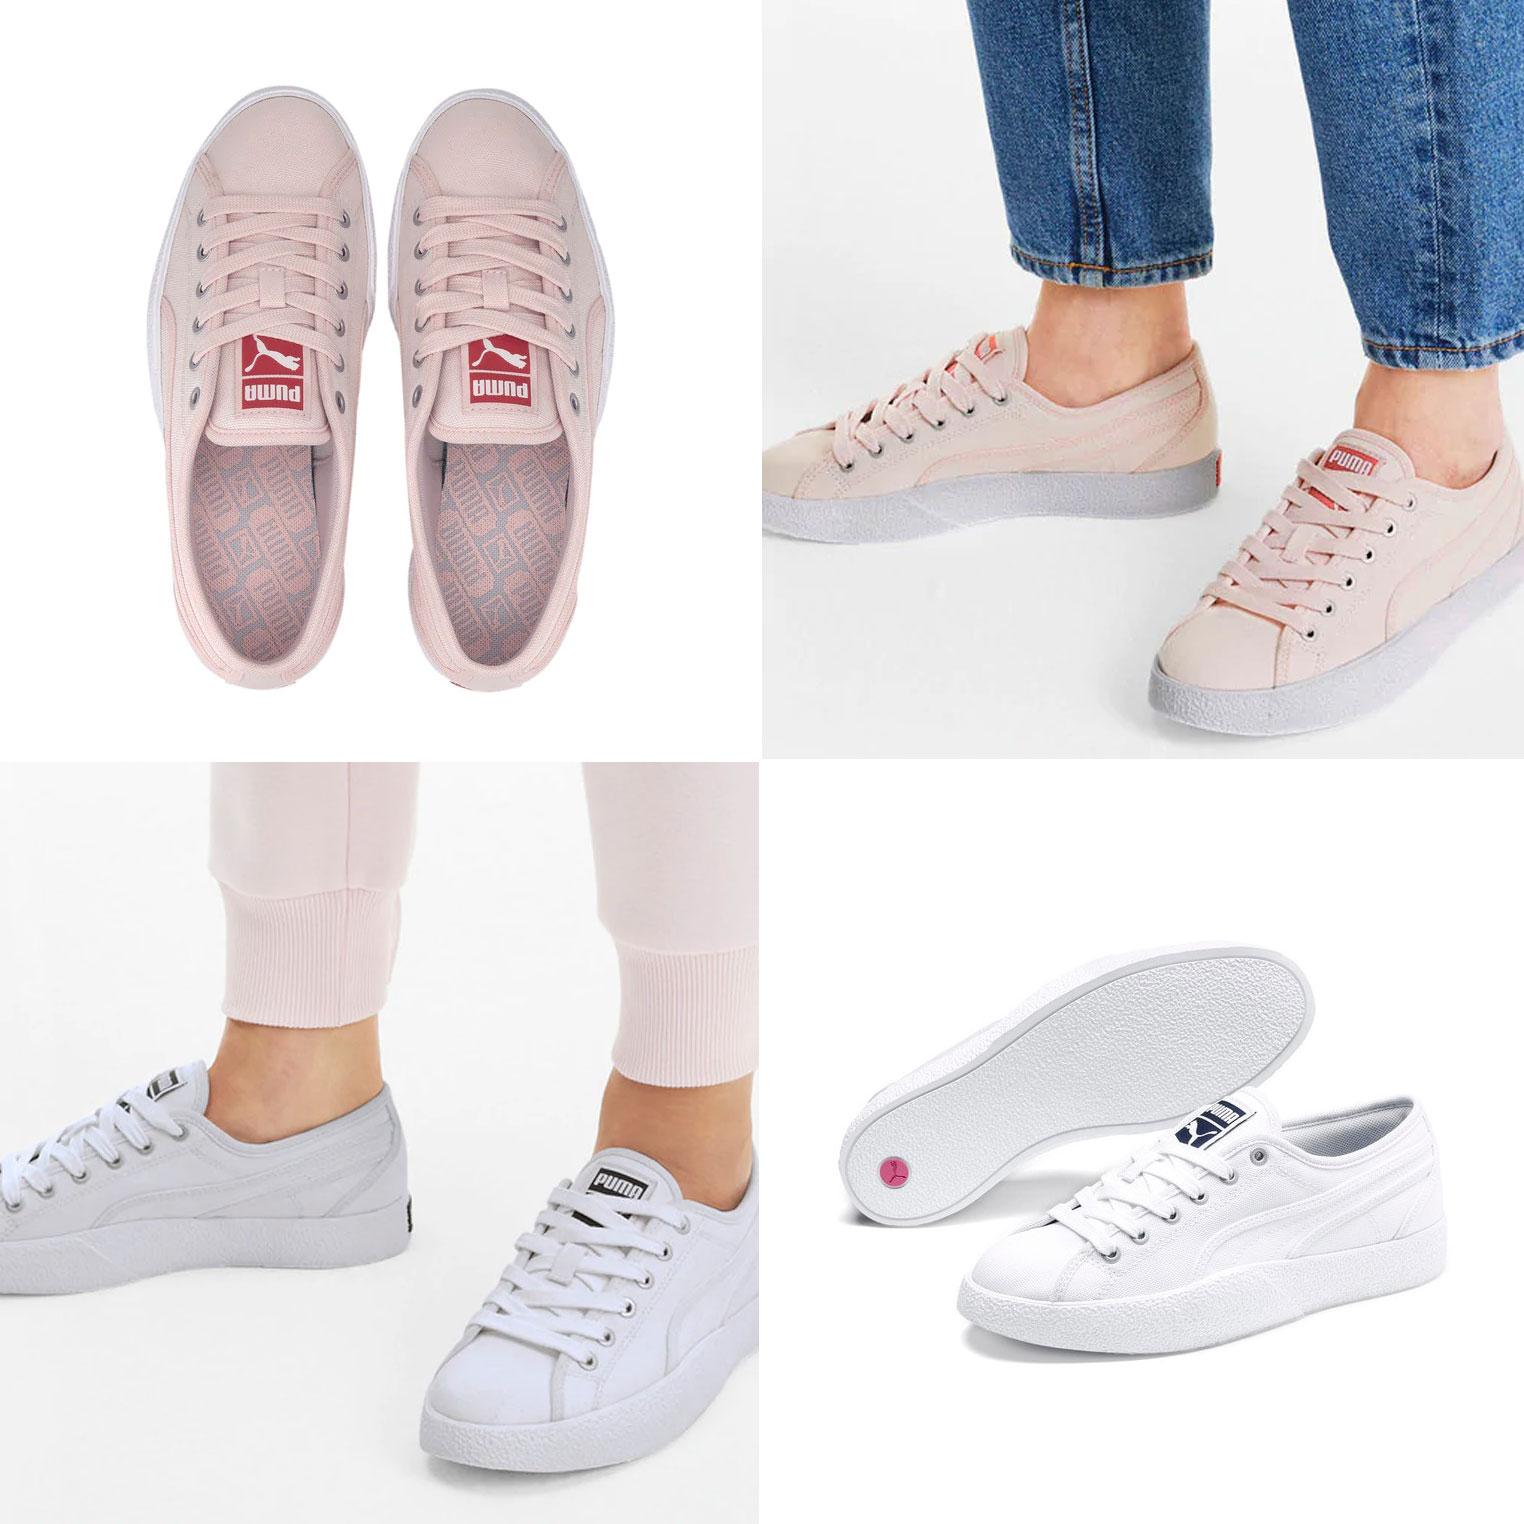 PUMA Love sneakers [waren €80] @ Zalando